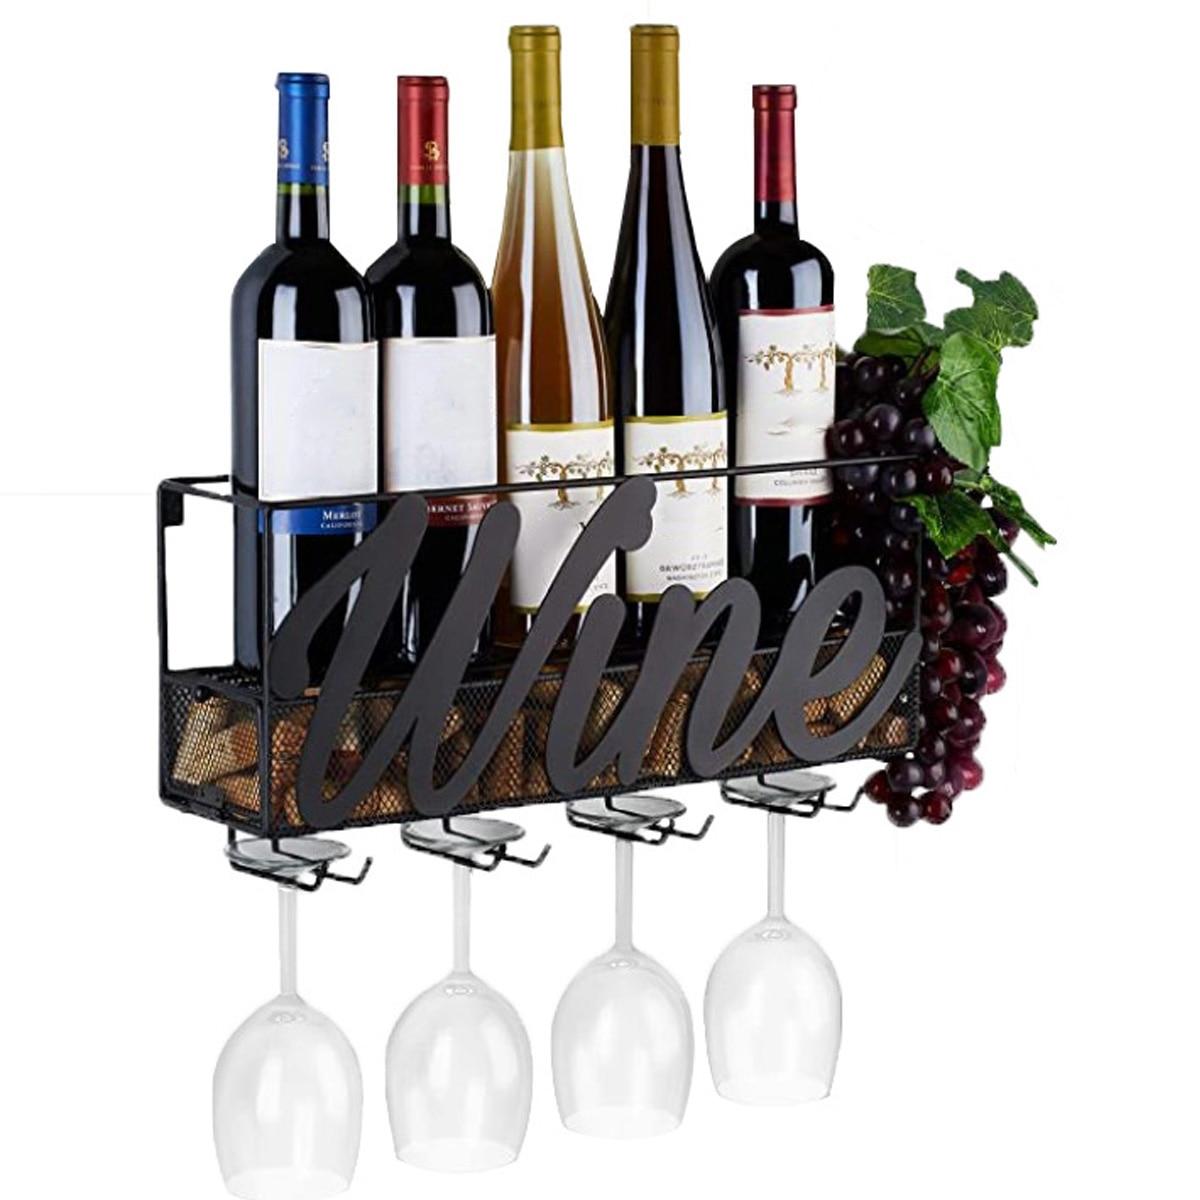 رف زجاجة نبيذ معدني مثبت على الحائط ، 4 حاملات زجاج نبيذ مدمجة 17.71 × 5.12 × 8.66 بوصة ، رف زجاجة شمبانيا مع صينية إضافية من الفلين